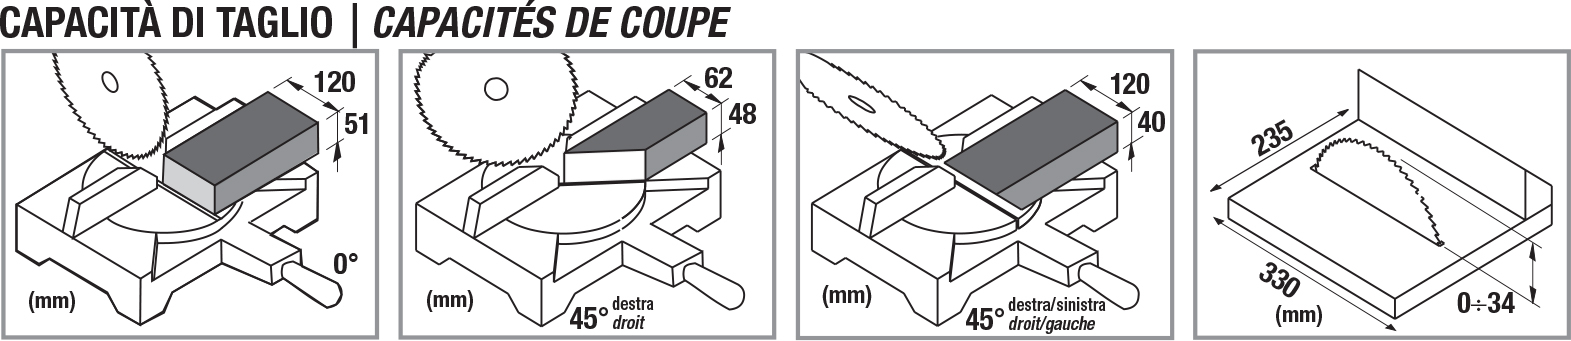 Capacità di taglio TR077